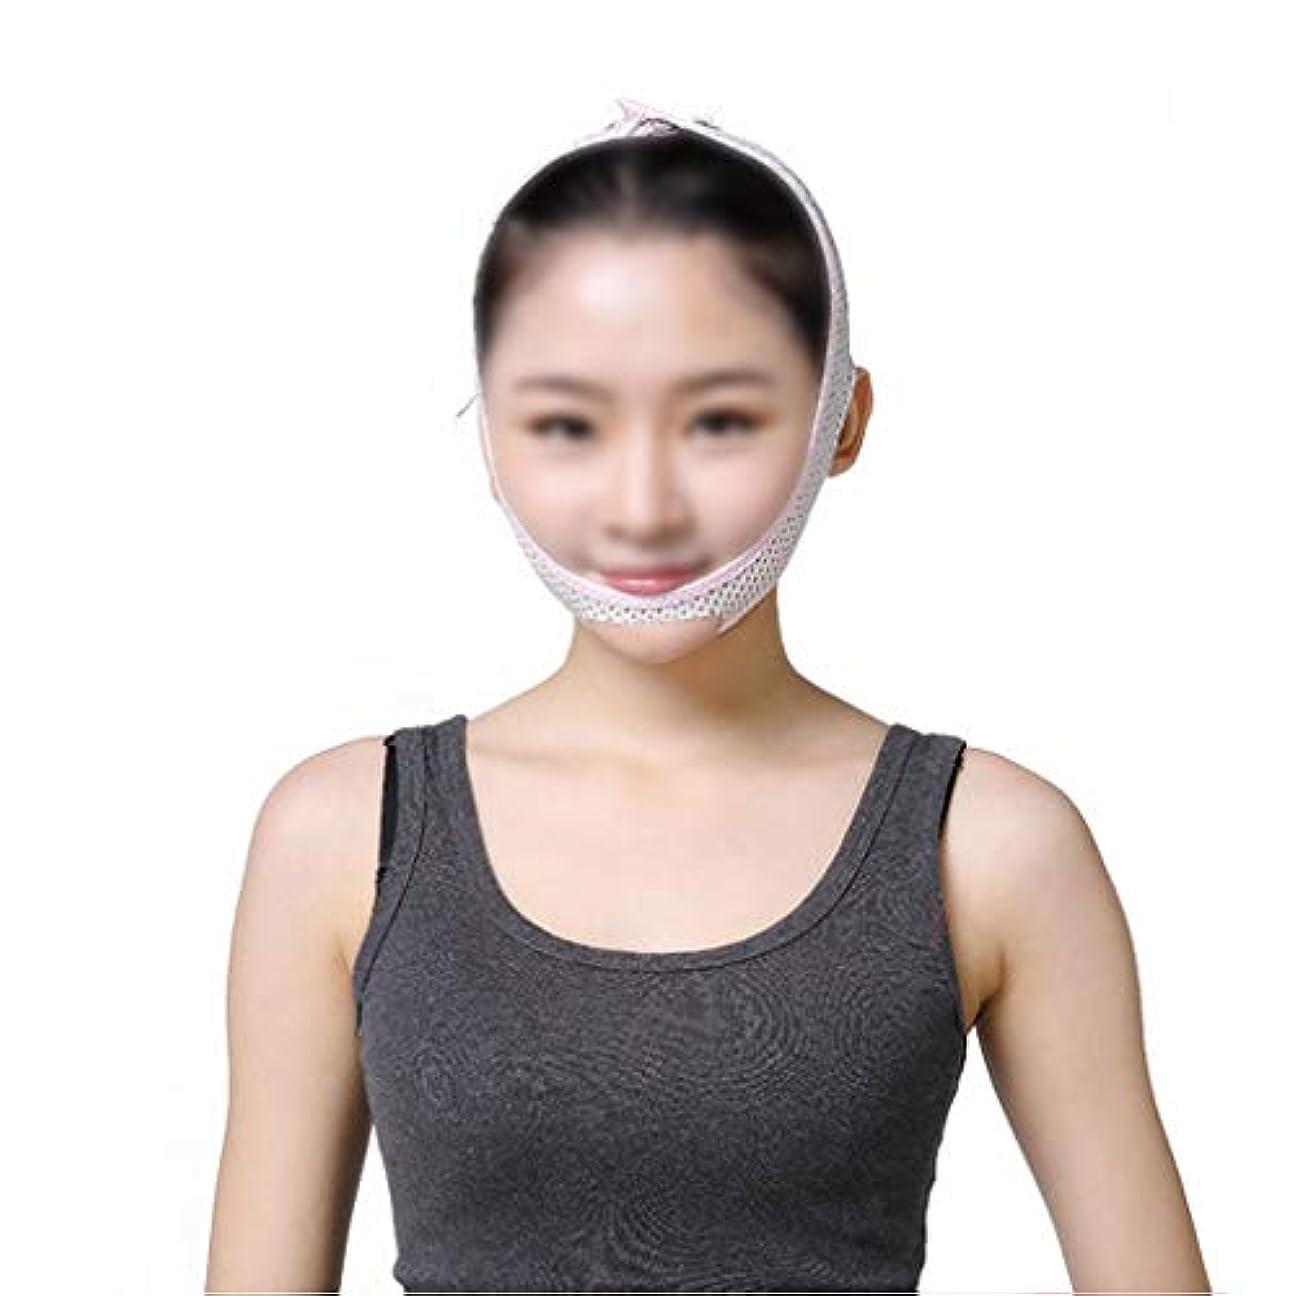 添加剤延ばす耳GLJJQMY 薄い顔のマスク快適な 引き締め肌の引き締め睡眠薄い顔のアーティファクト抗しわ除去二重あご術後回復マスク 顔用整形マスク